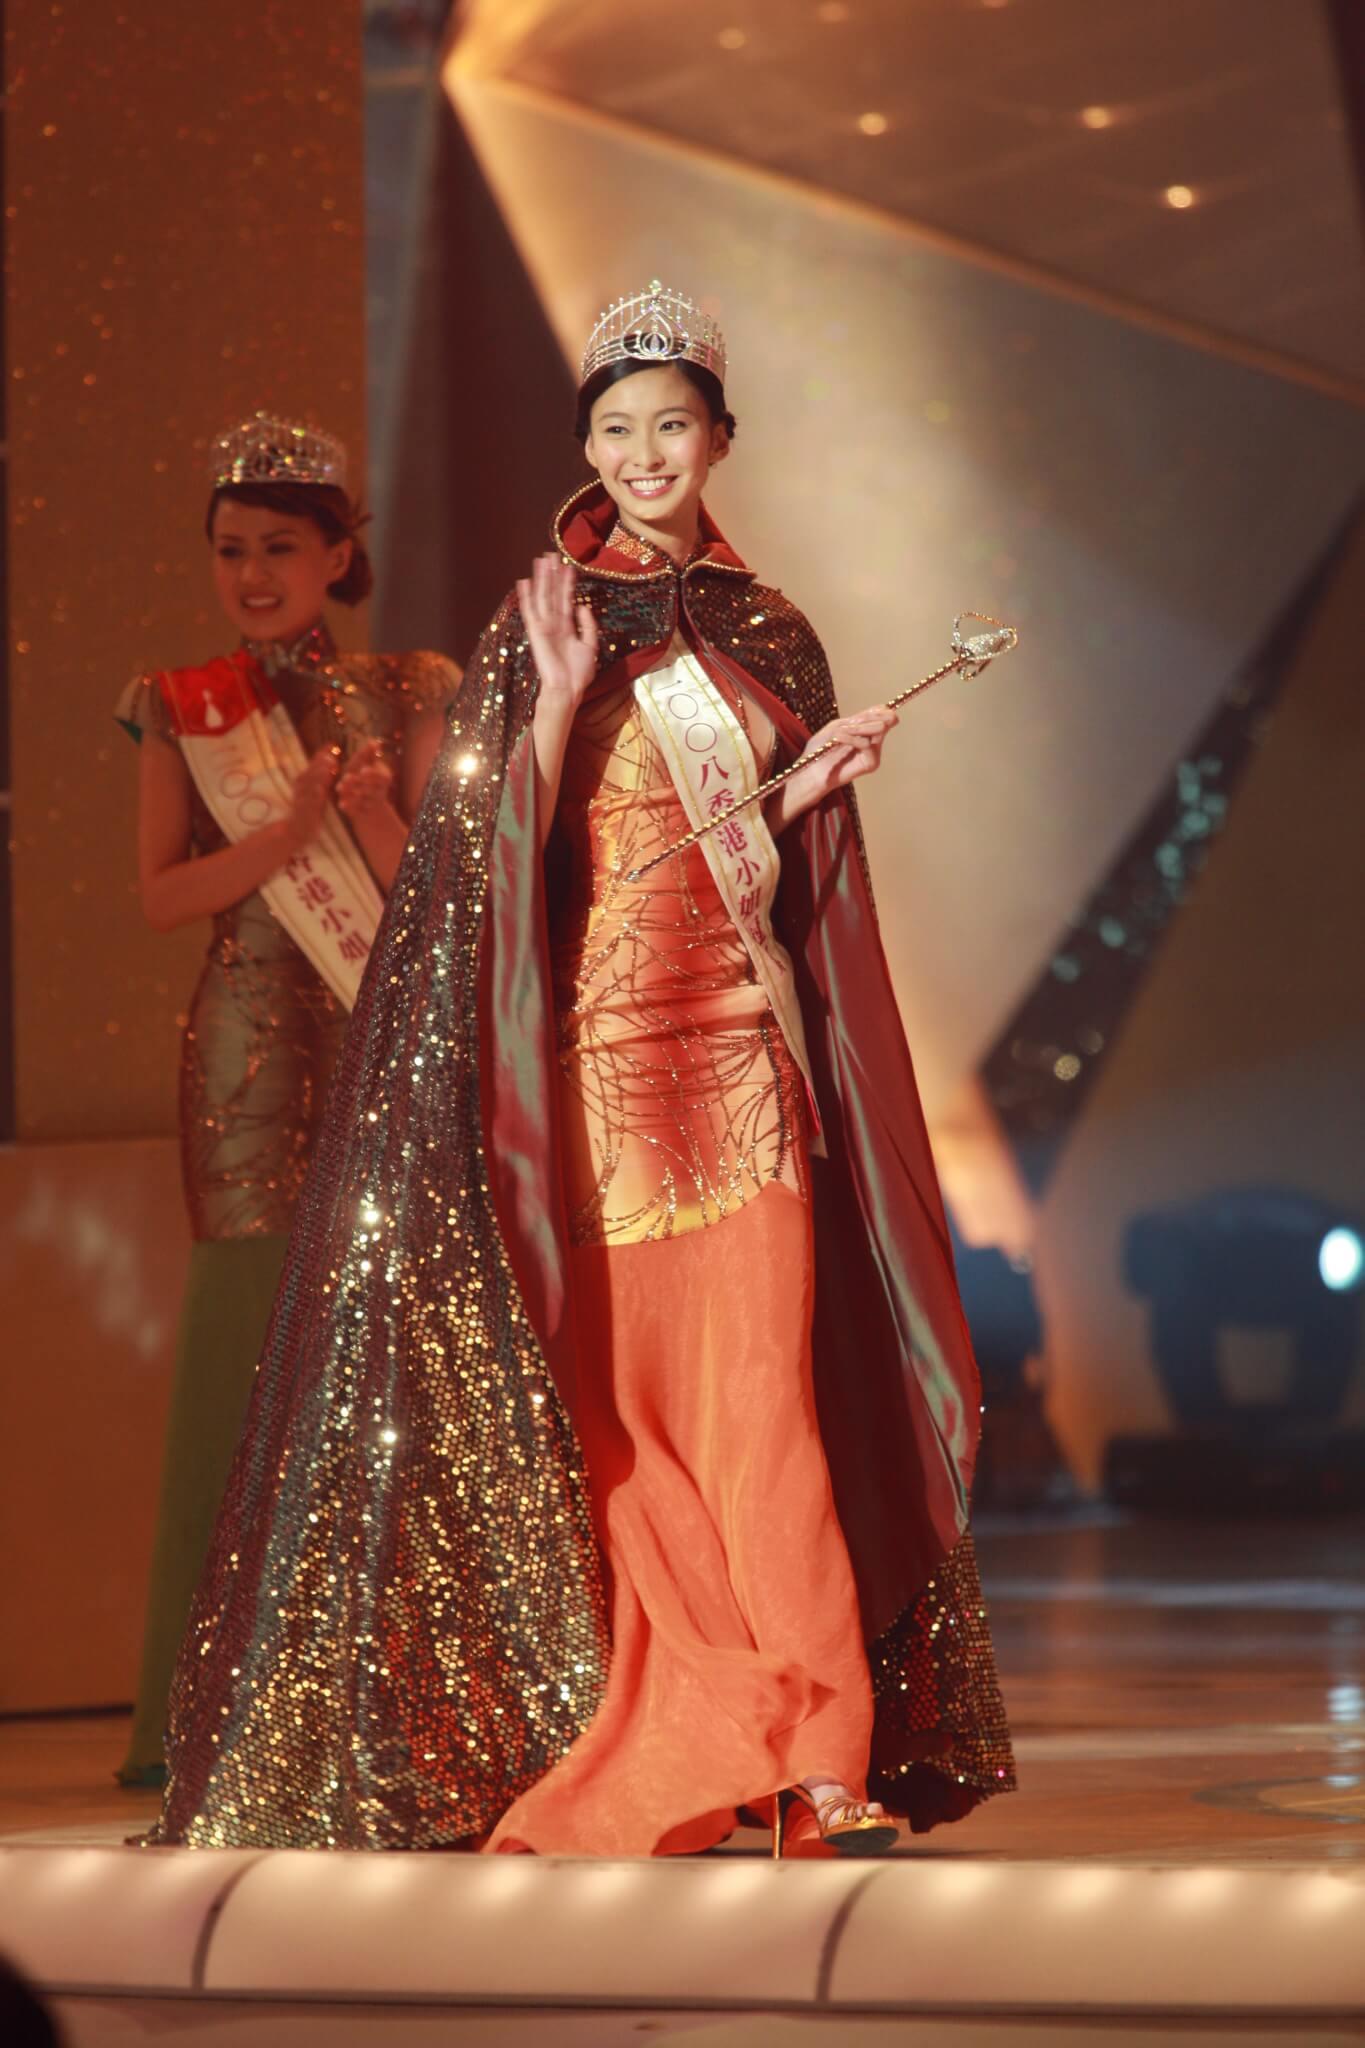 張名雅(2008年冠軍)180cm